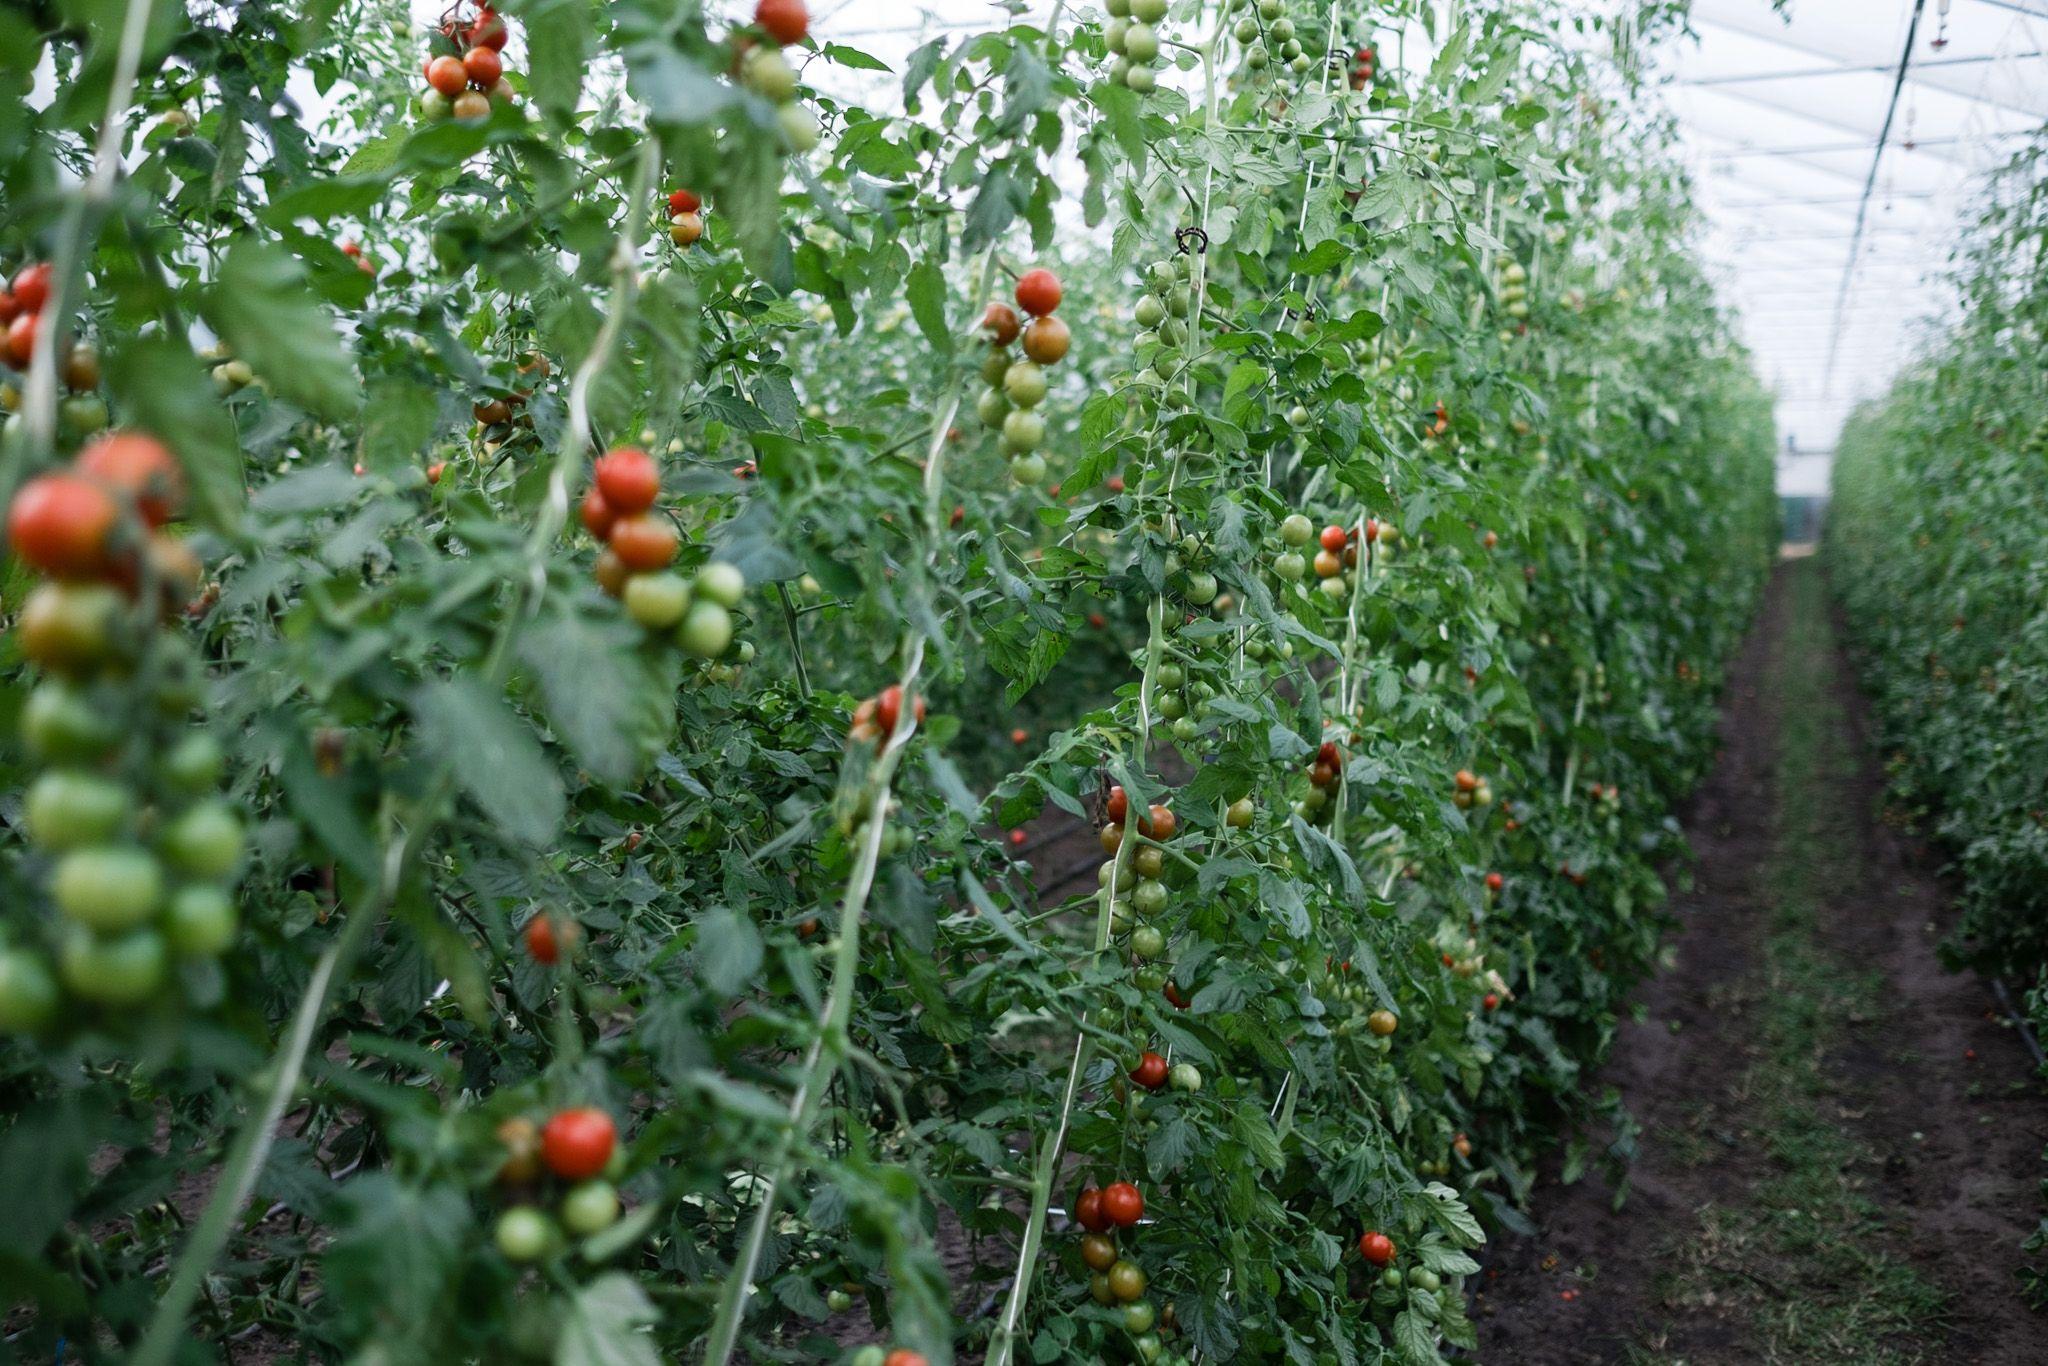 Tomaten Anbautipps Fur Gesunde Tomatenpflanzen Und Eine Reiche Ernte Tomatenpflanzen Tomaten Pflanzen Tomaten Garten